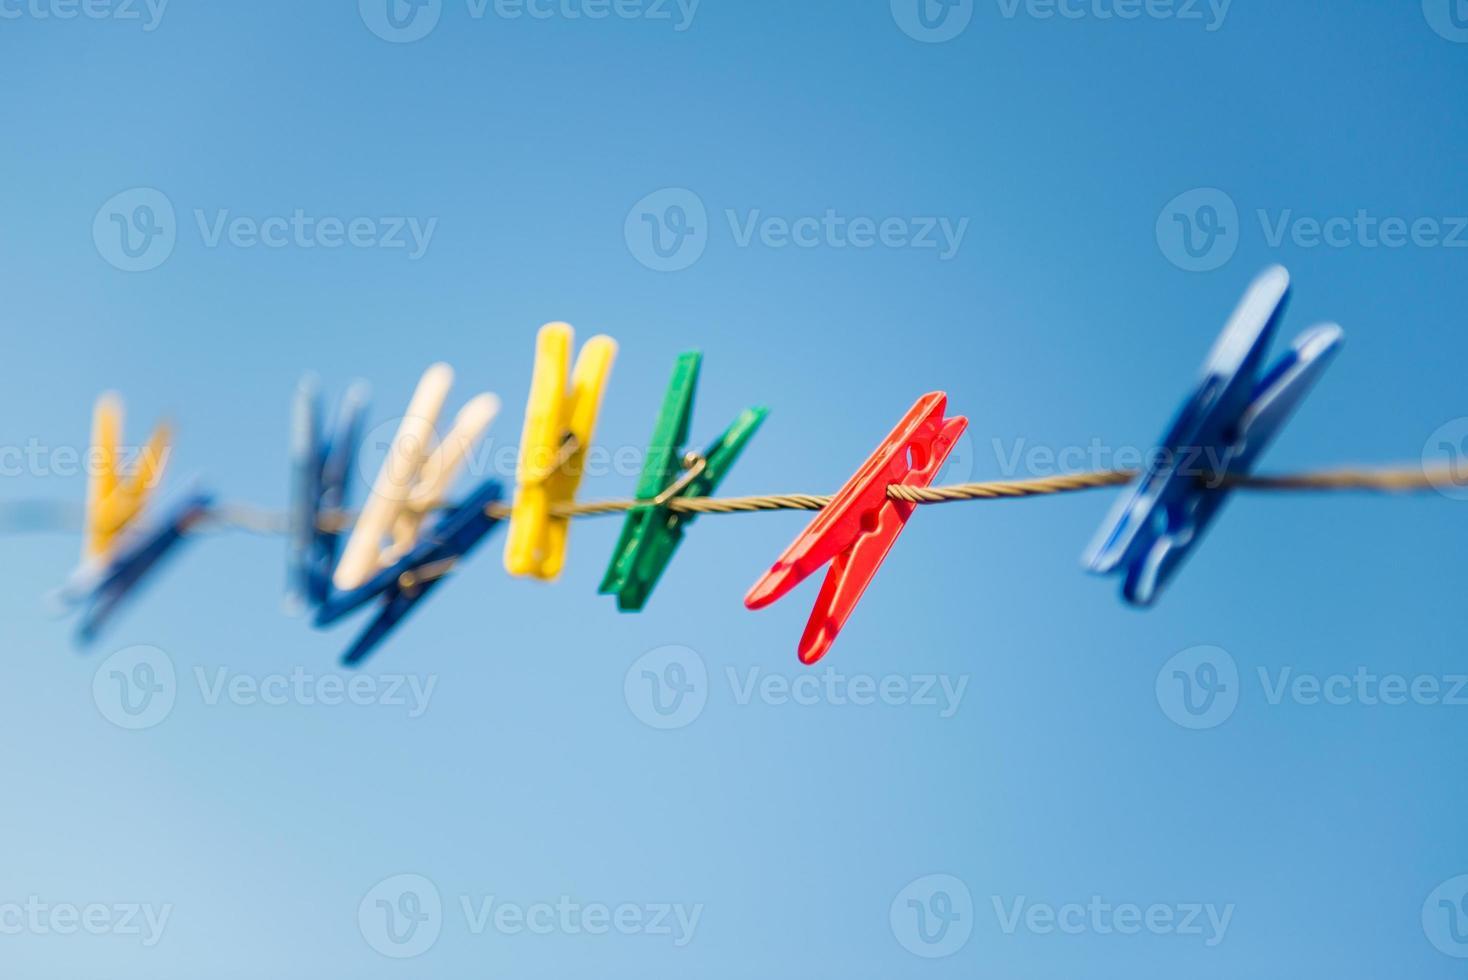 bunte Wäscheklammern auf Wäscheleine gegen blauen Himmel. foto